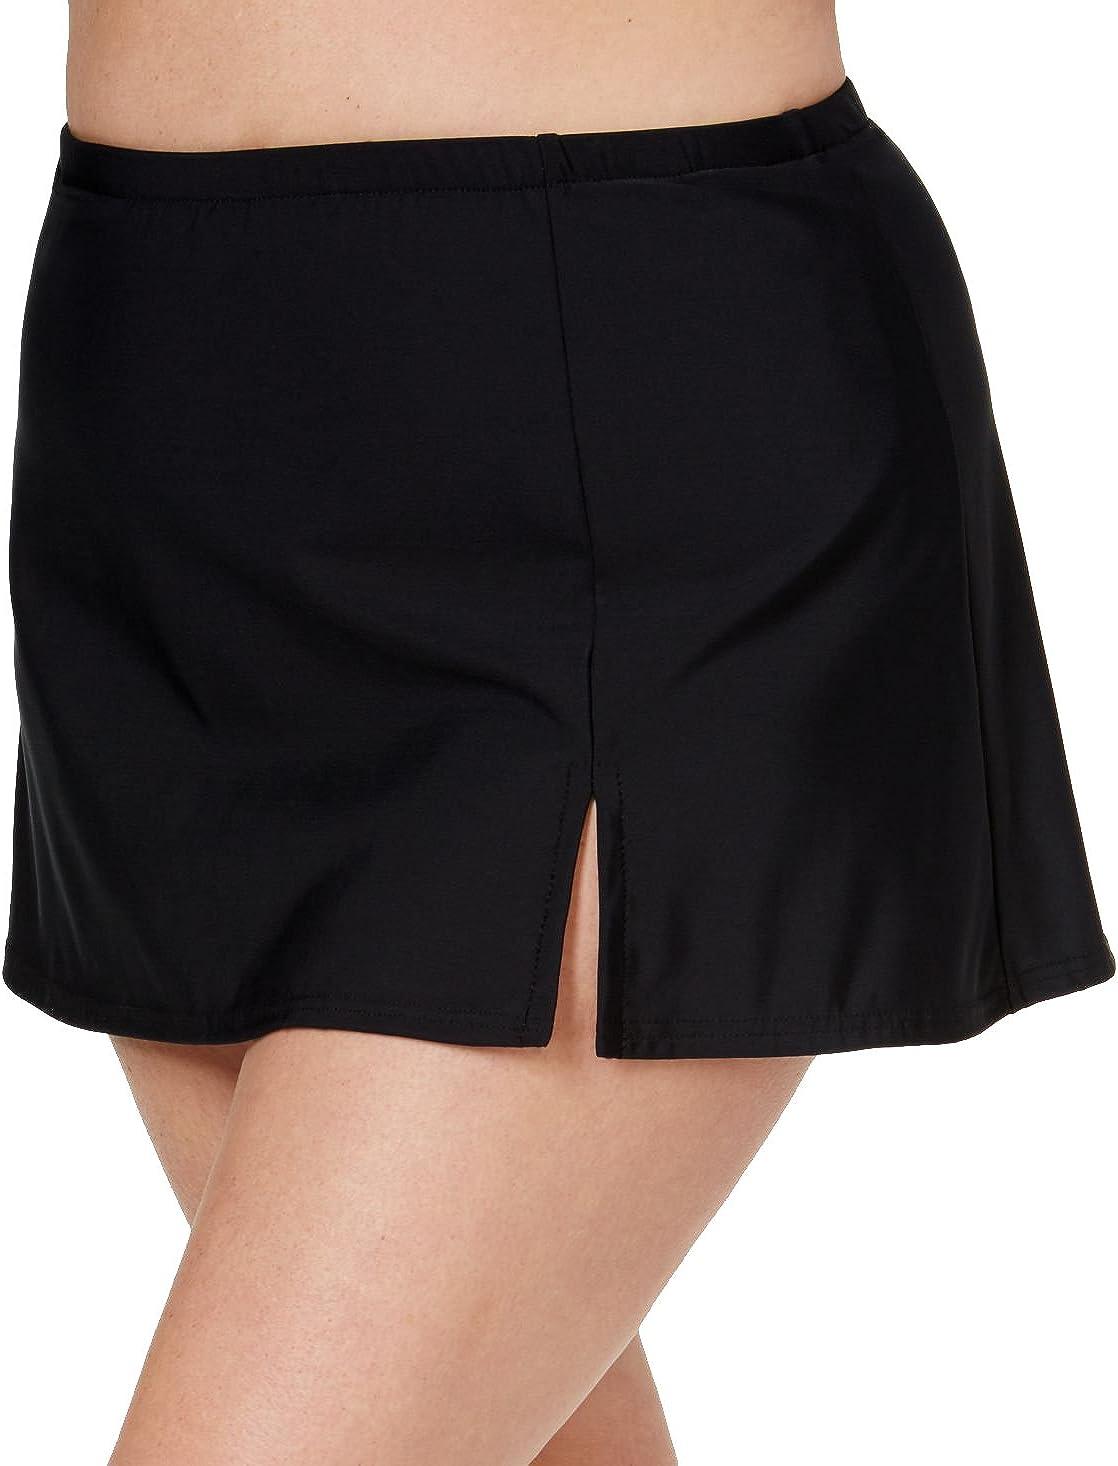 Swim Solutions Plus Size Swim Skirt, Black, 22W